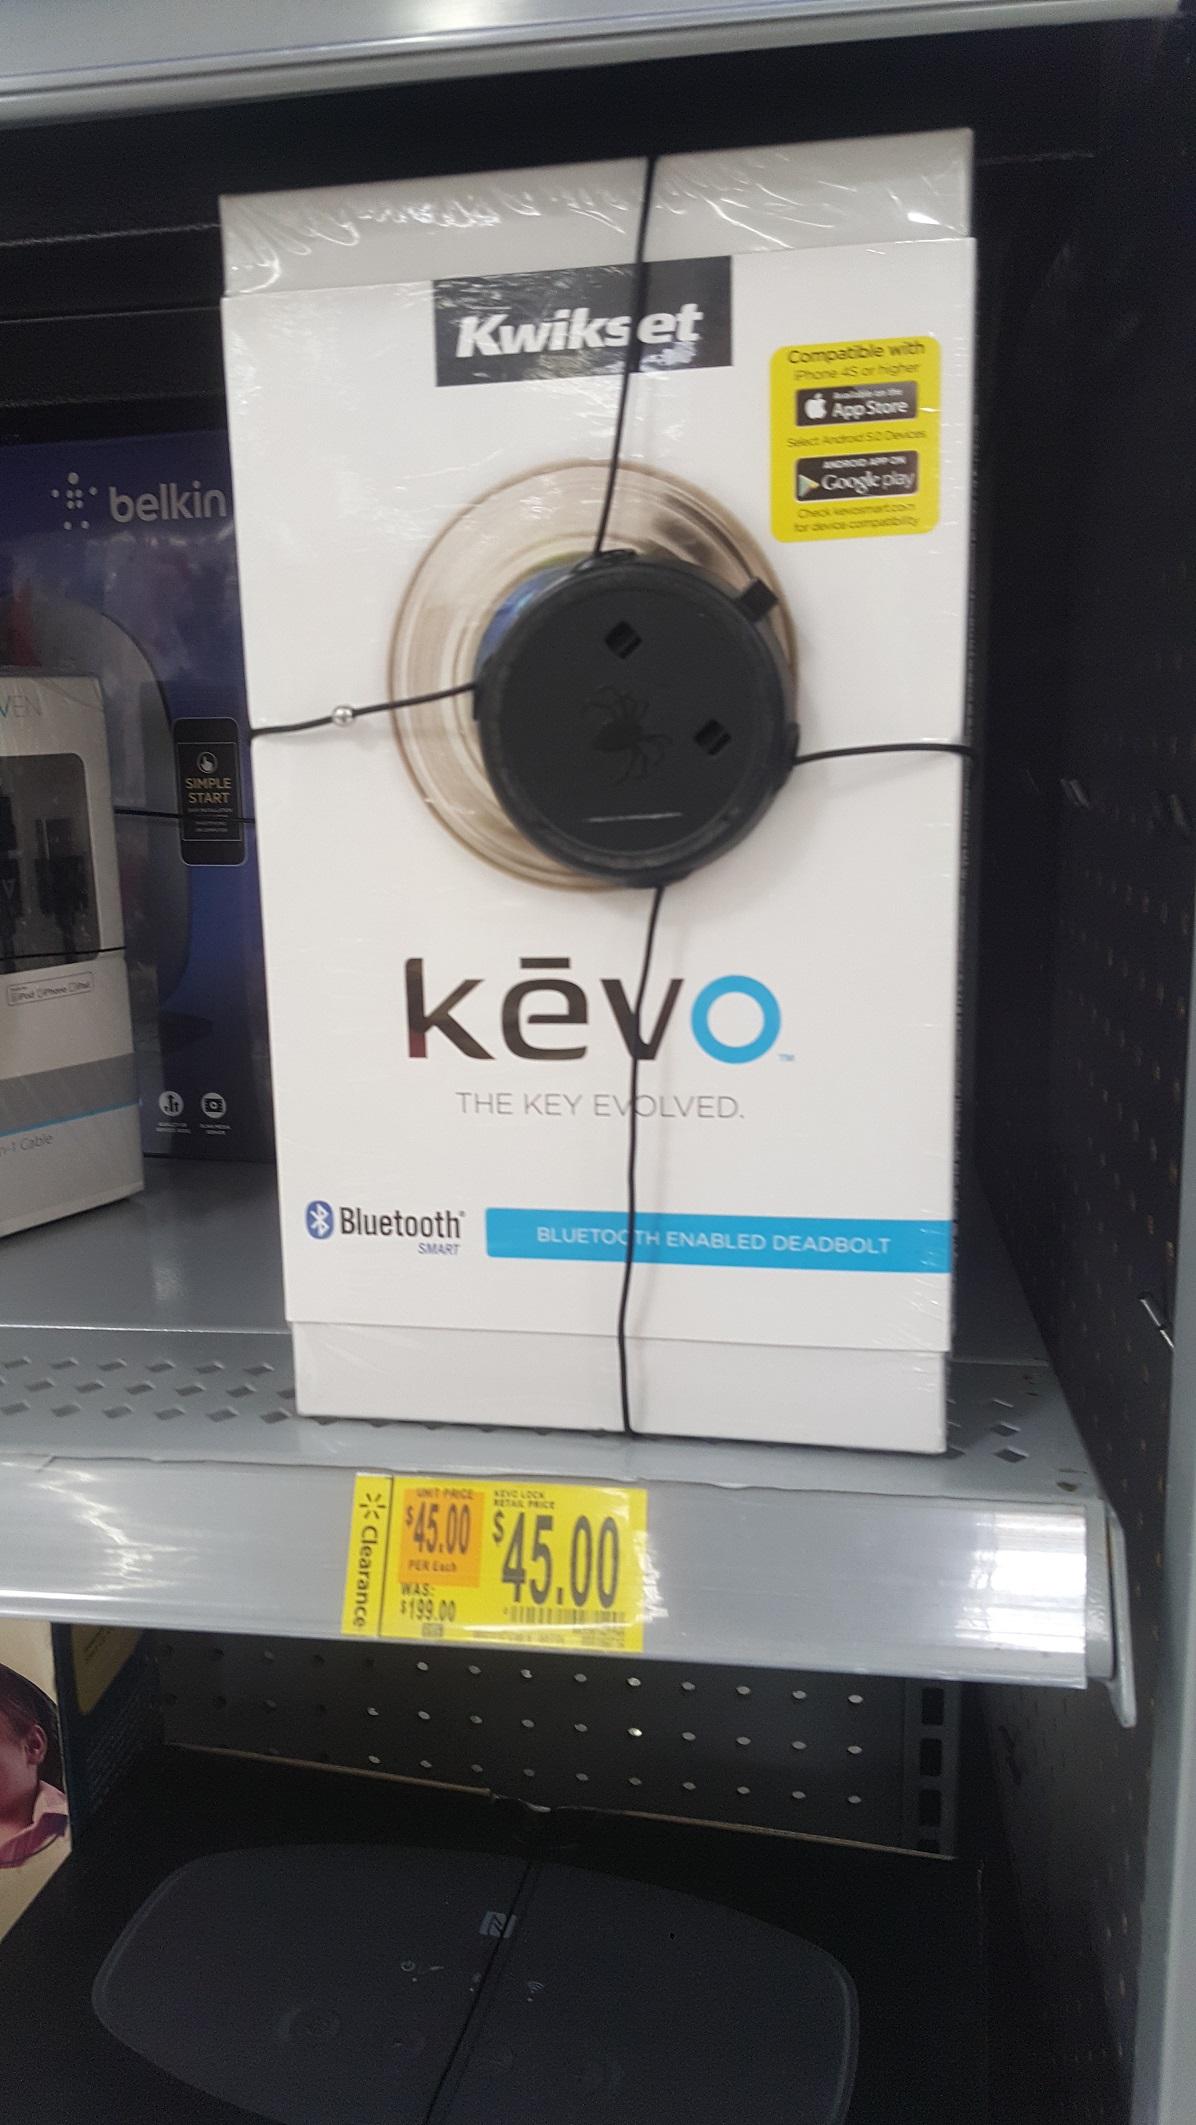 Kwikset 925 Kevo Bluetooth Deadbolt. In store. Walmart YMMV $45. 1st Gen